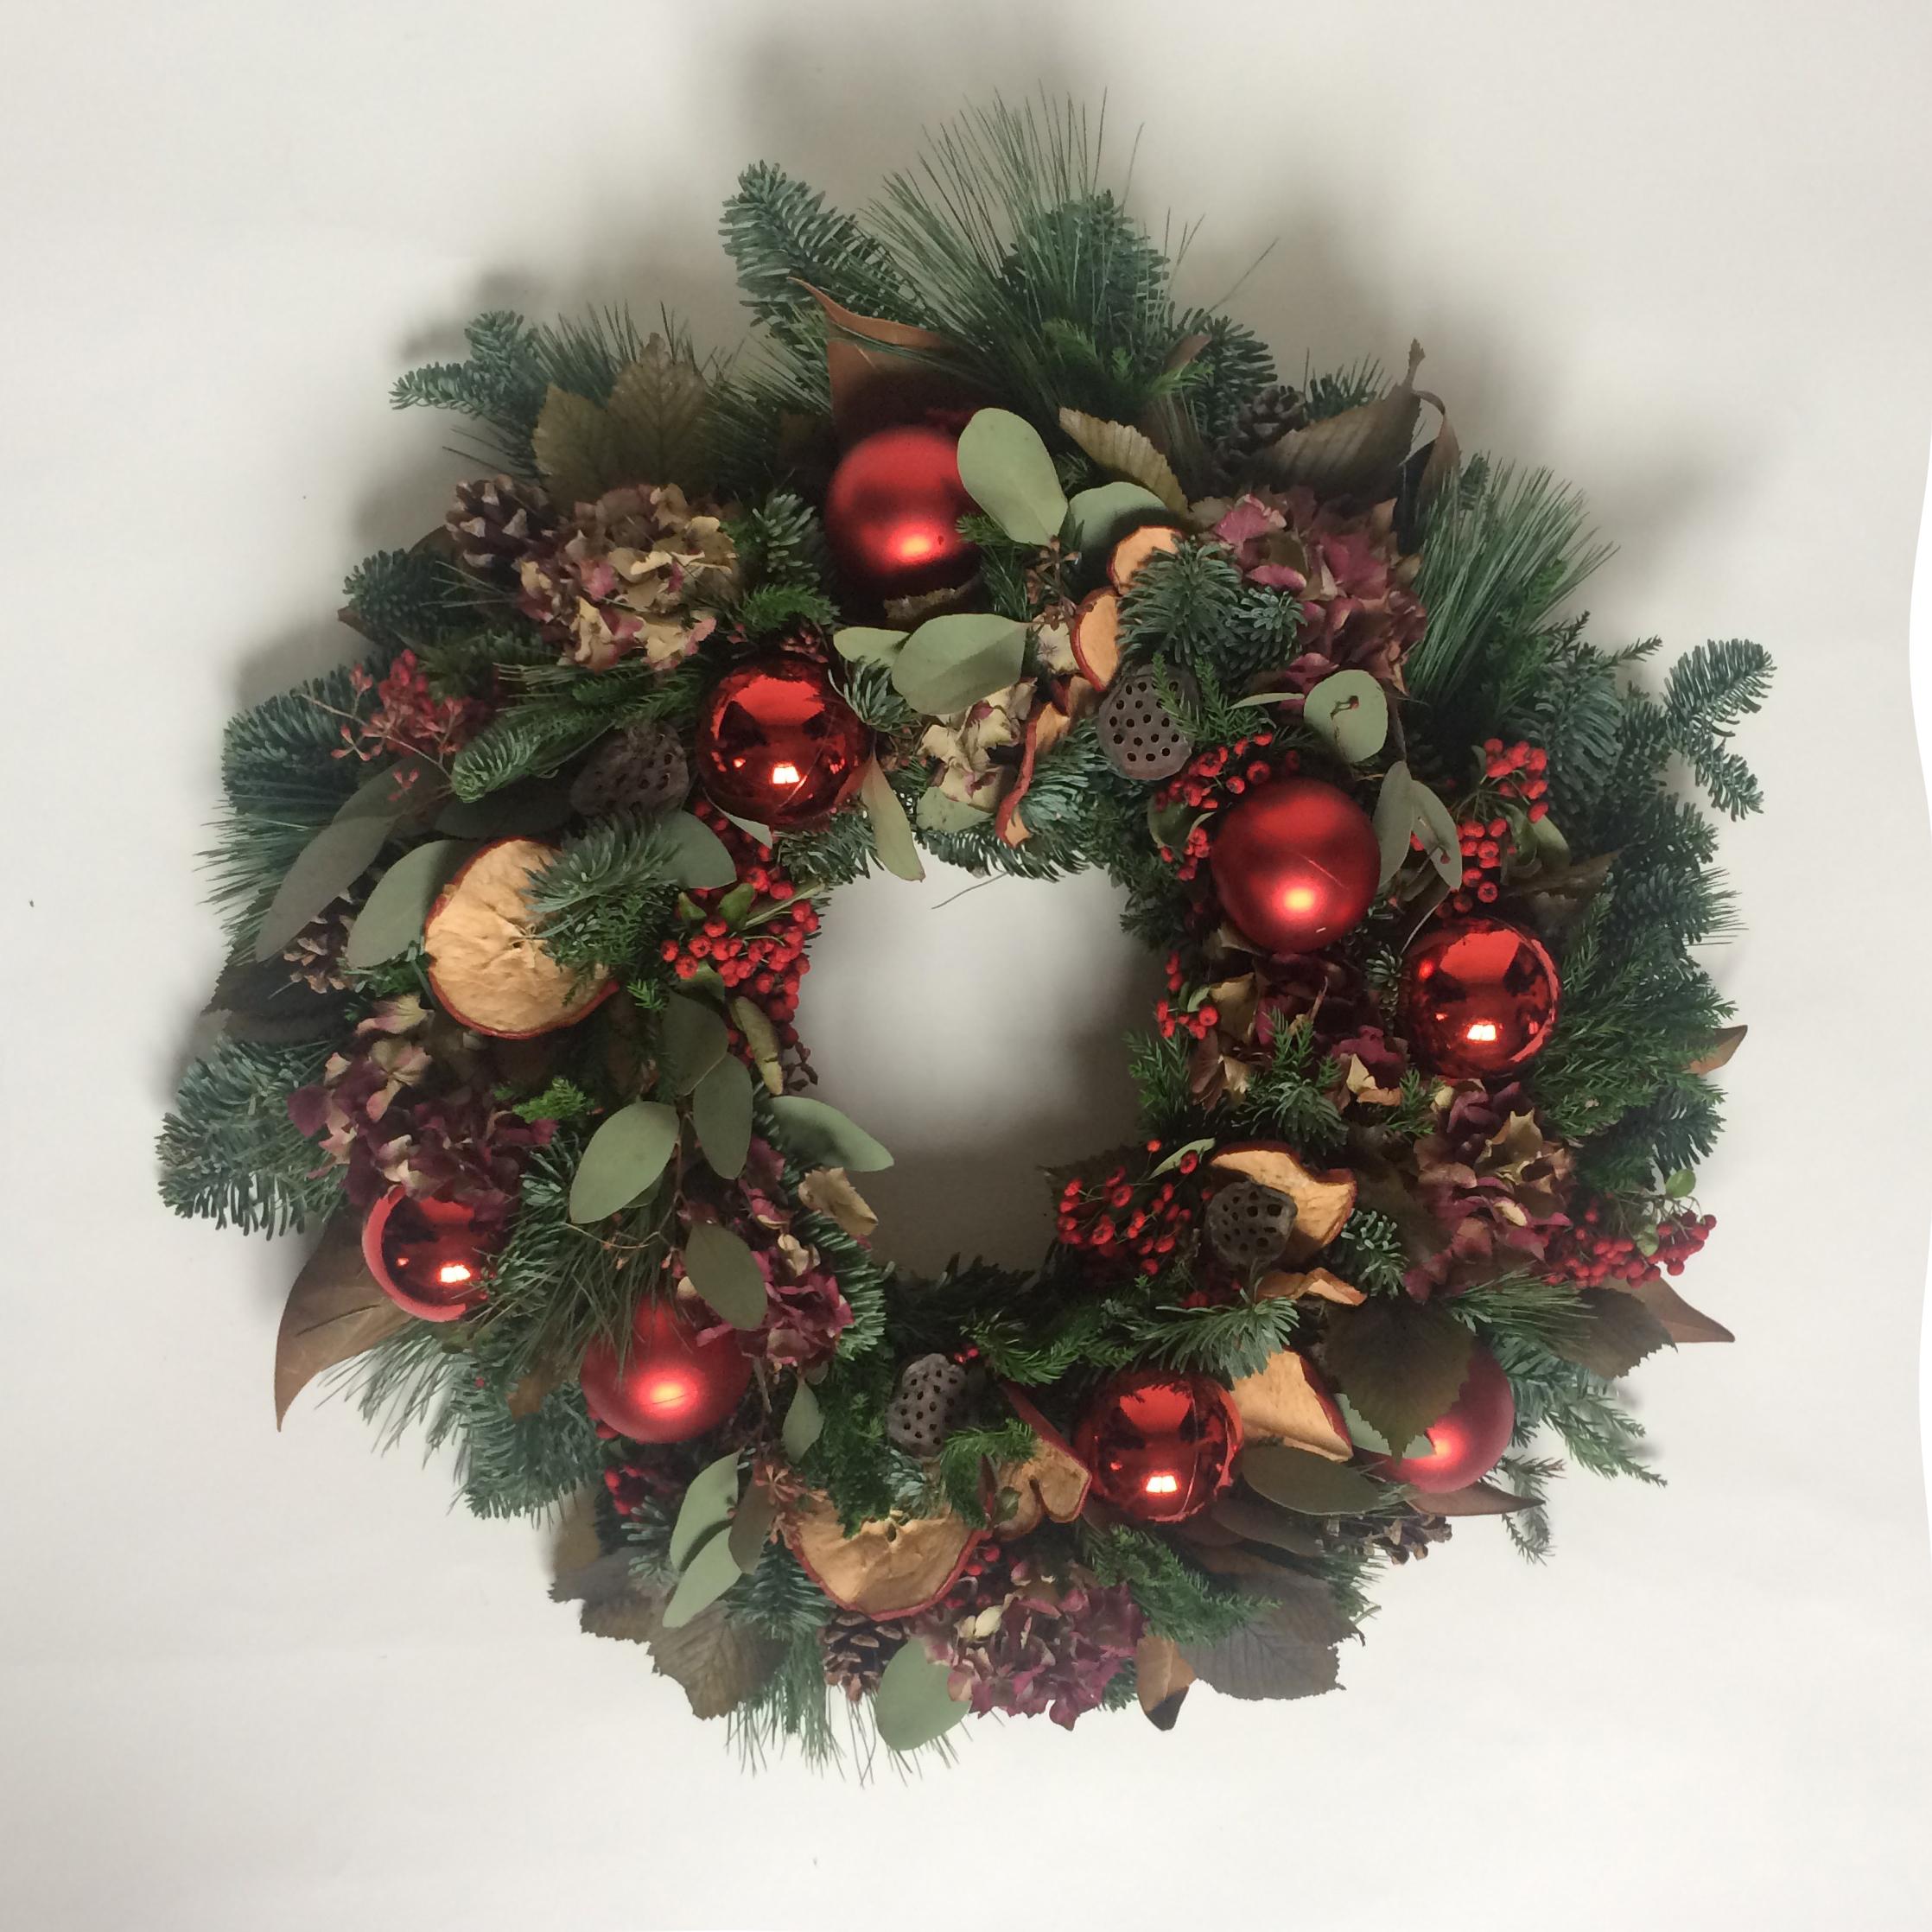 Christmas Wreaths.Christmas Wreaths